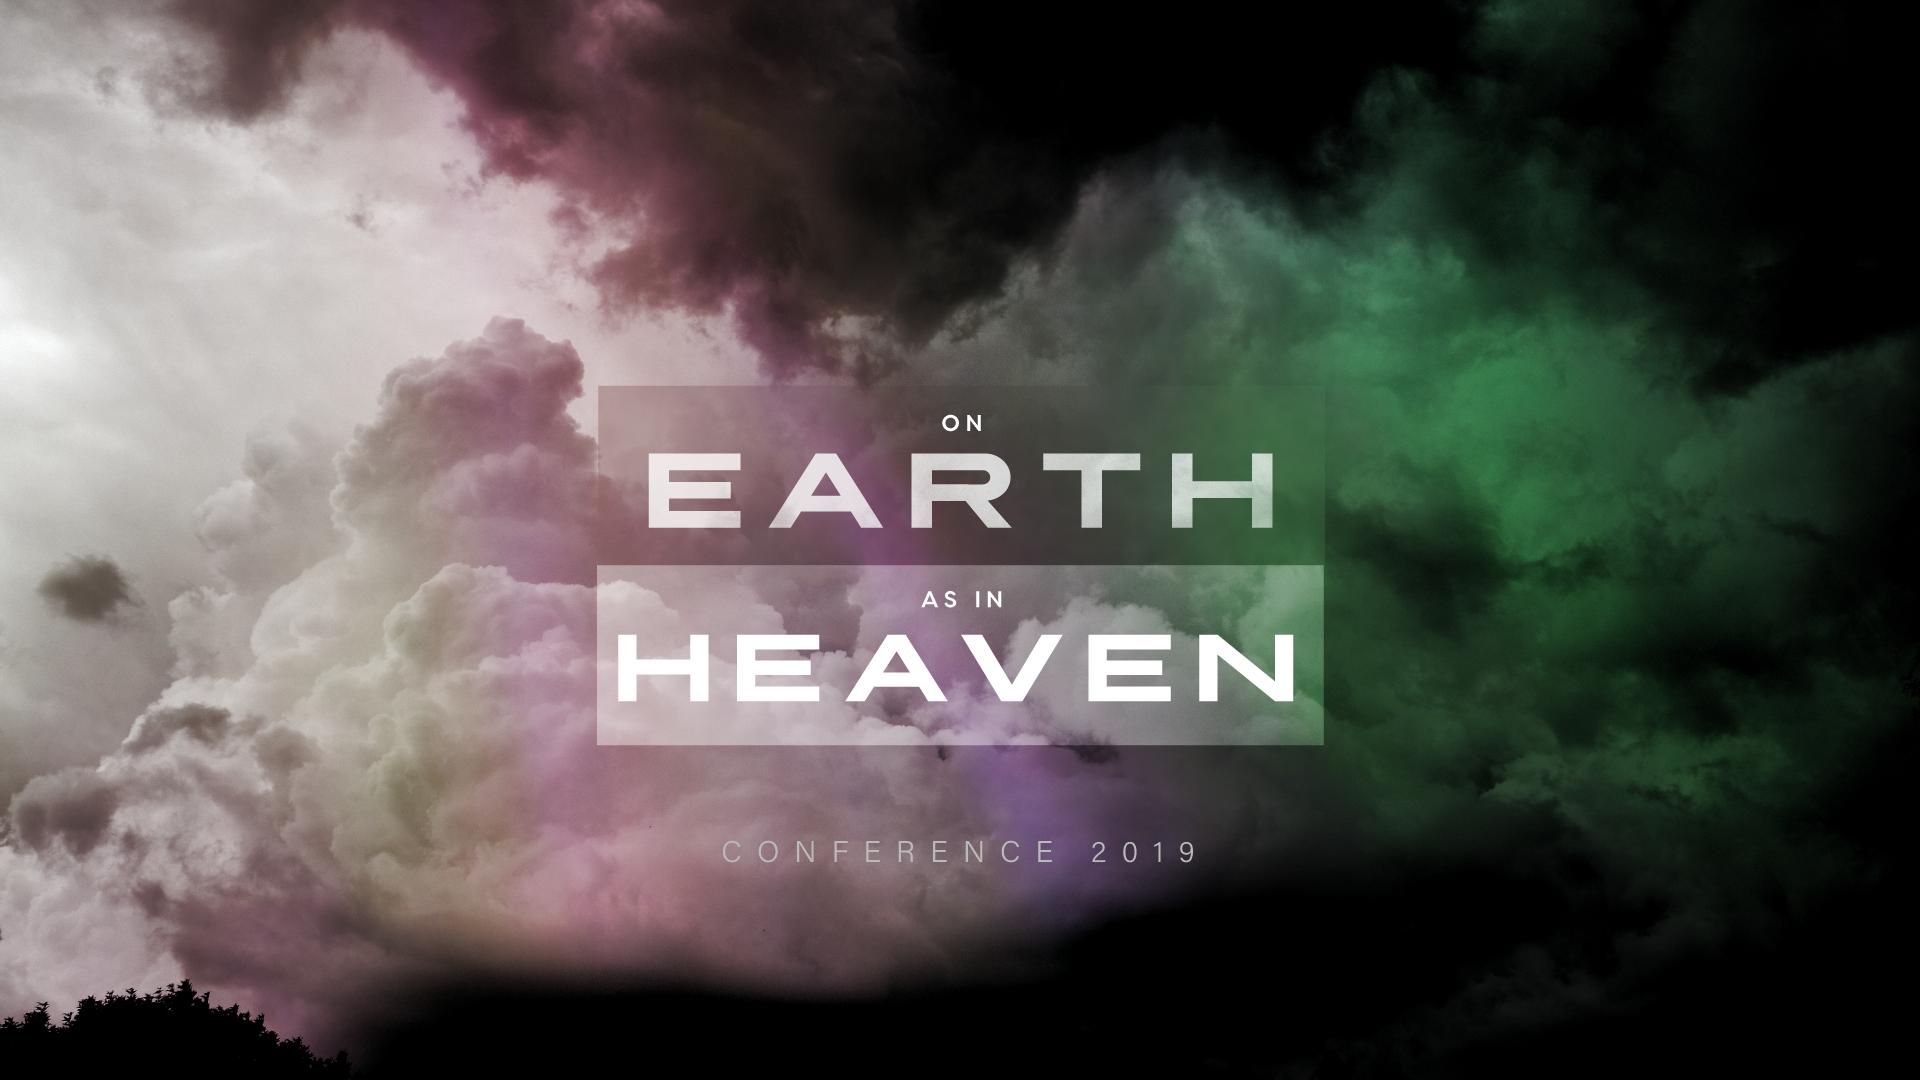 EarthHeaven-Social2-1920x1080.png